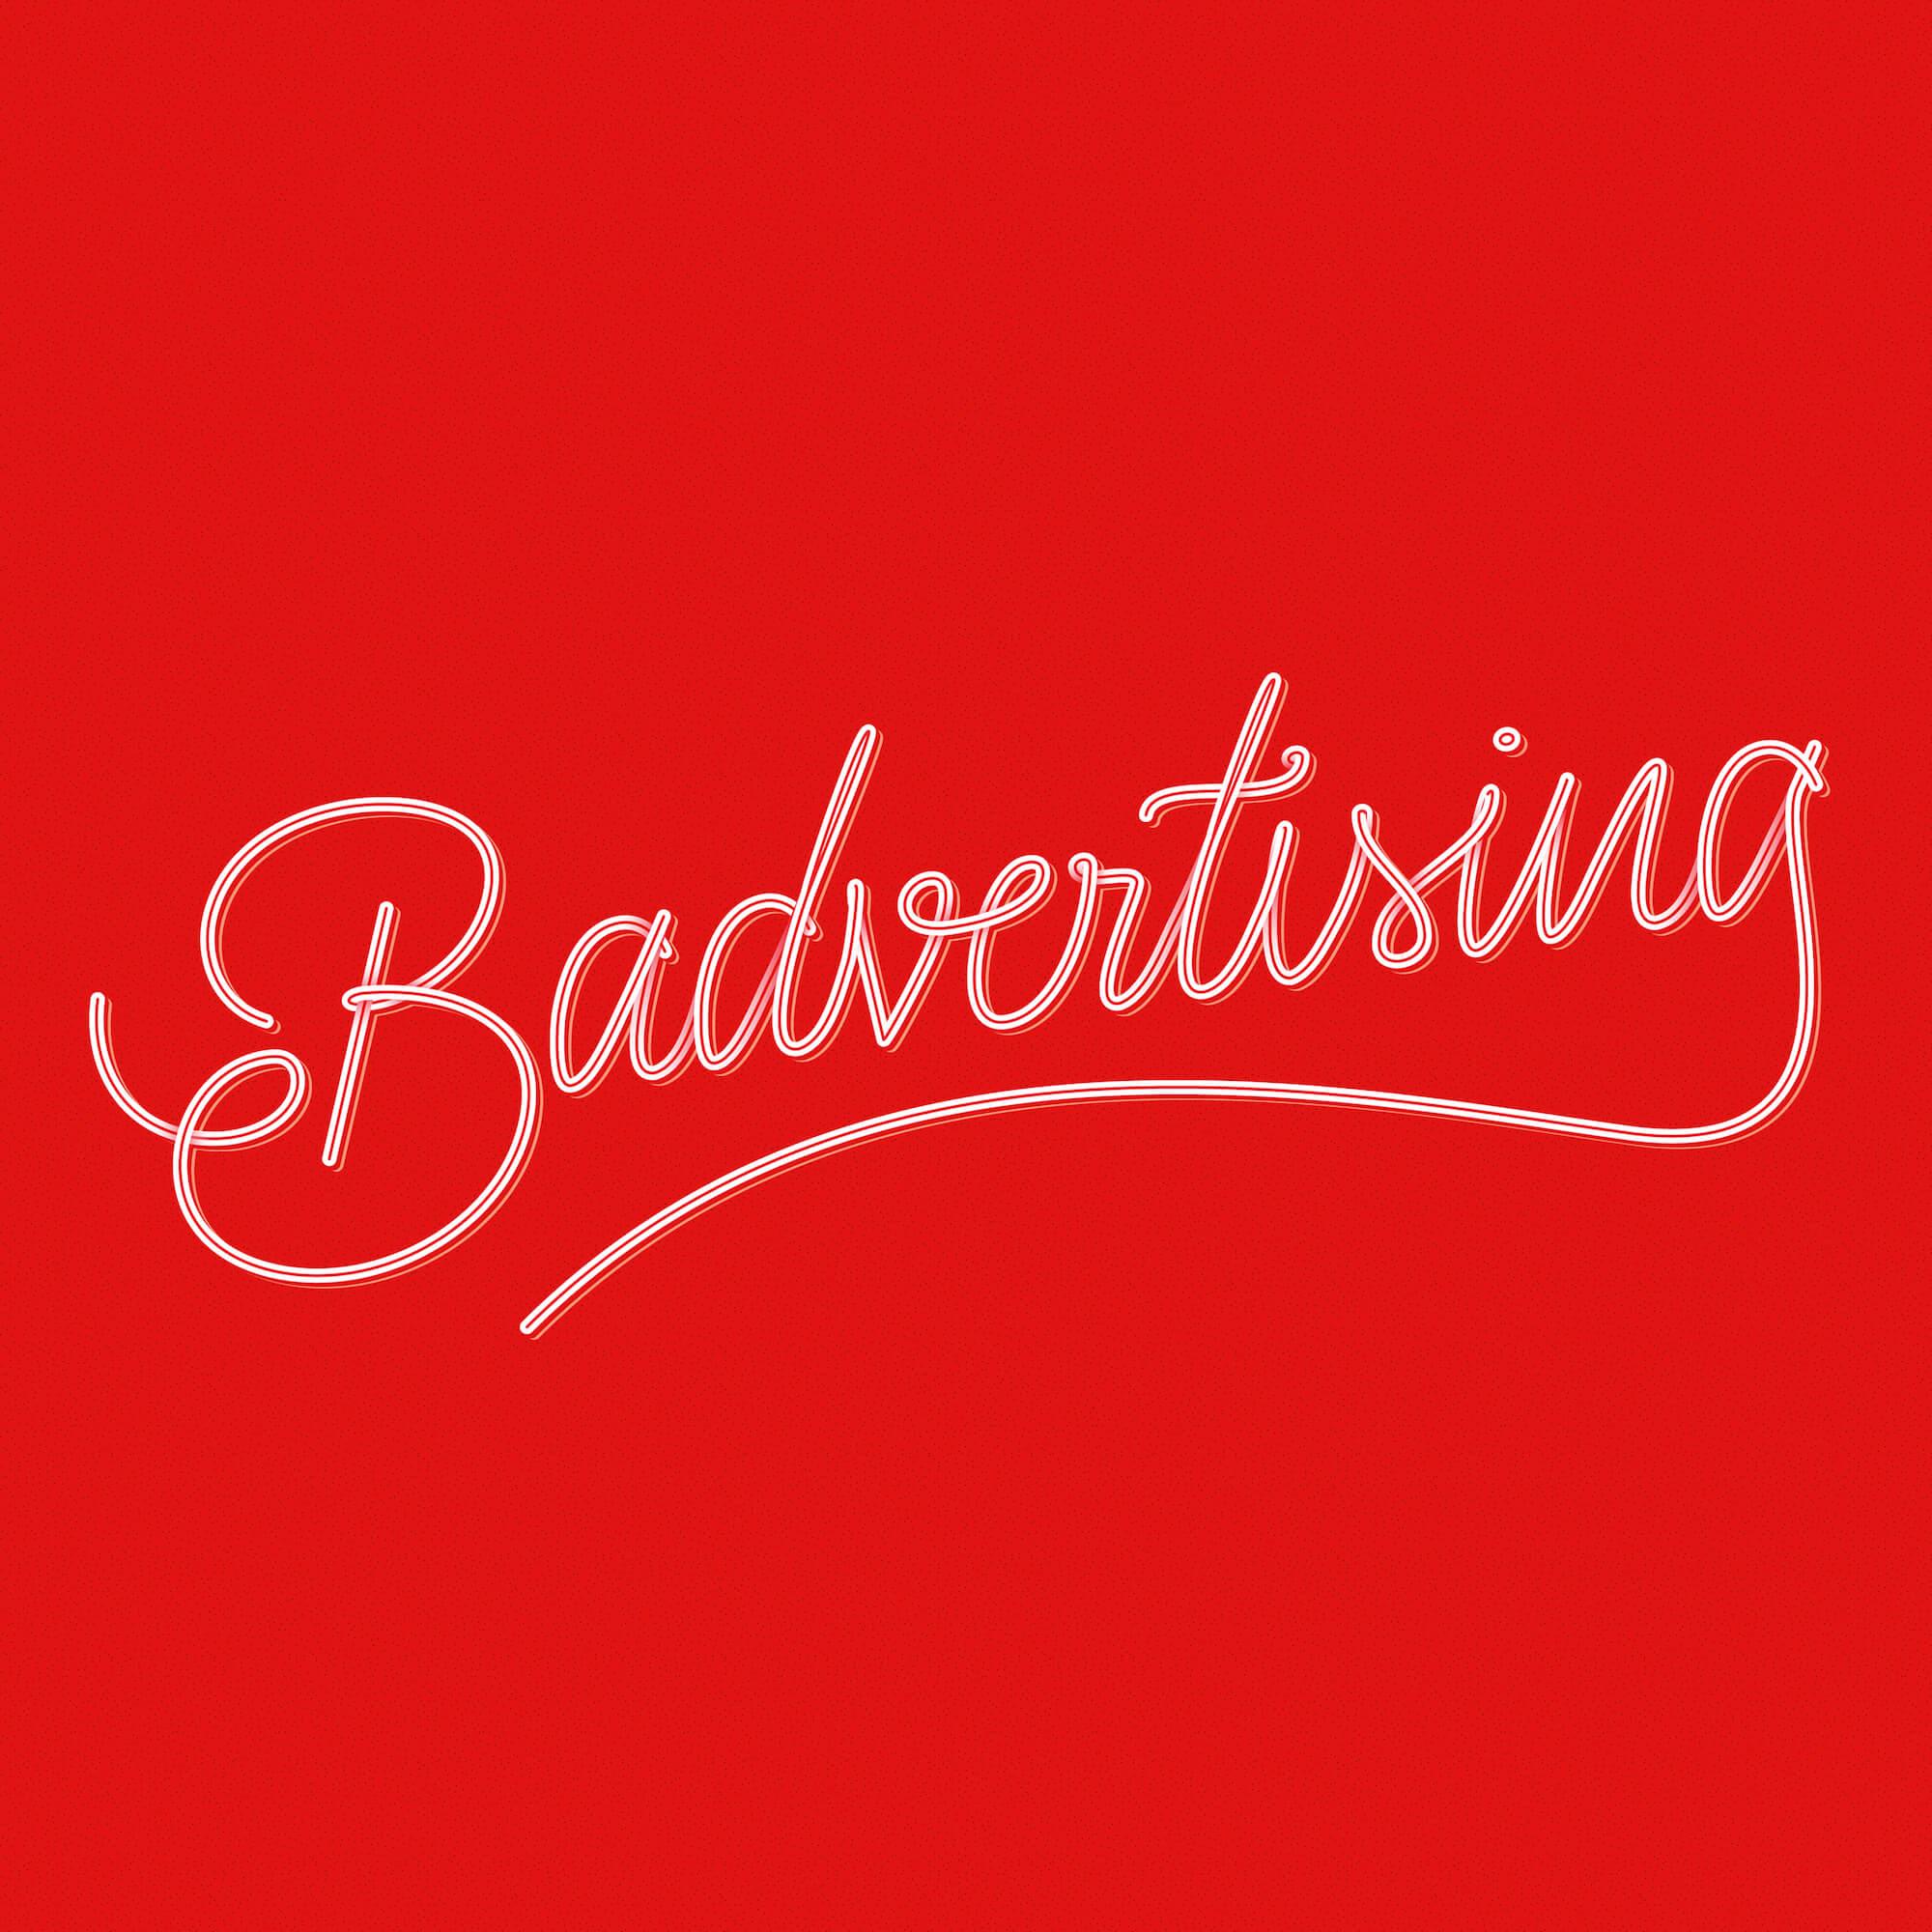 wf-badvertising